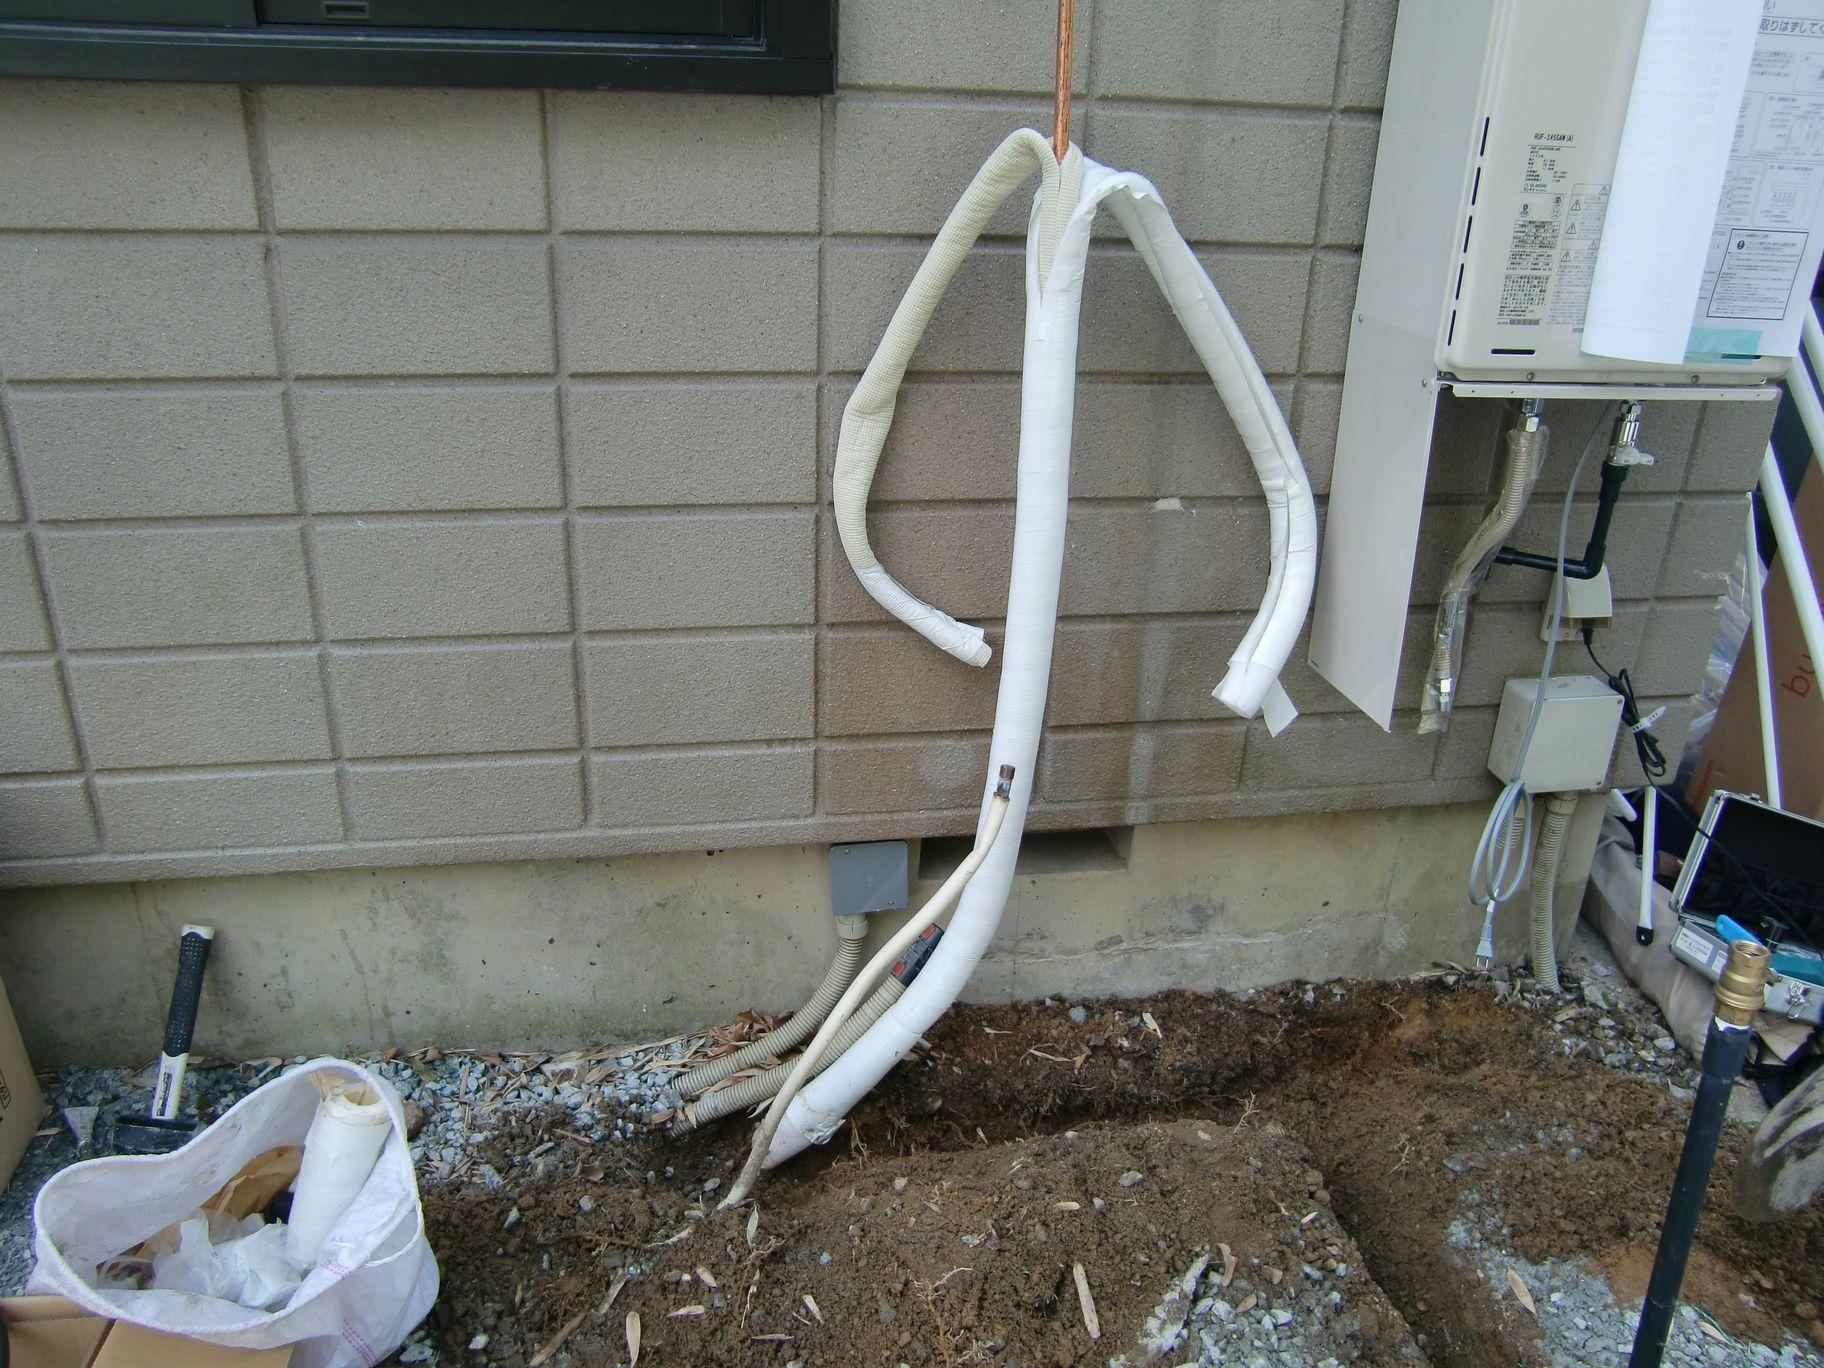 配管接続工事中